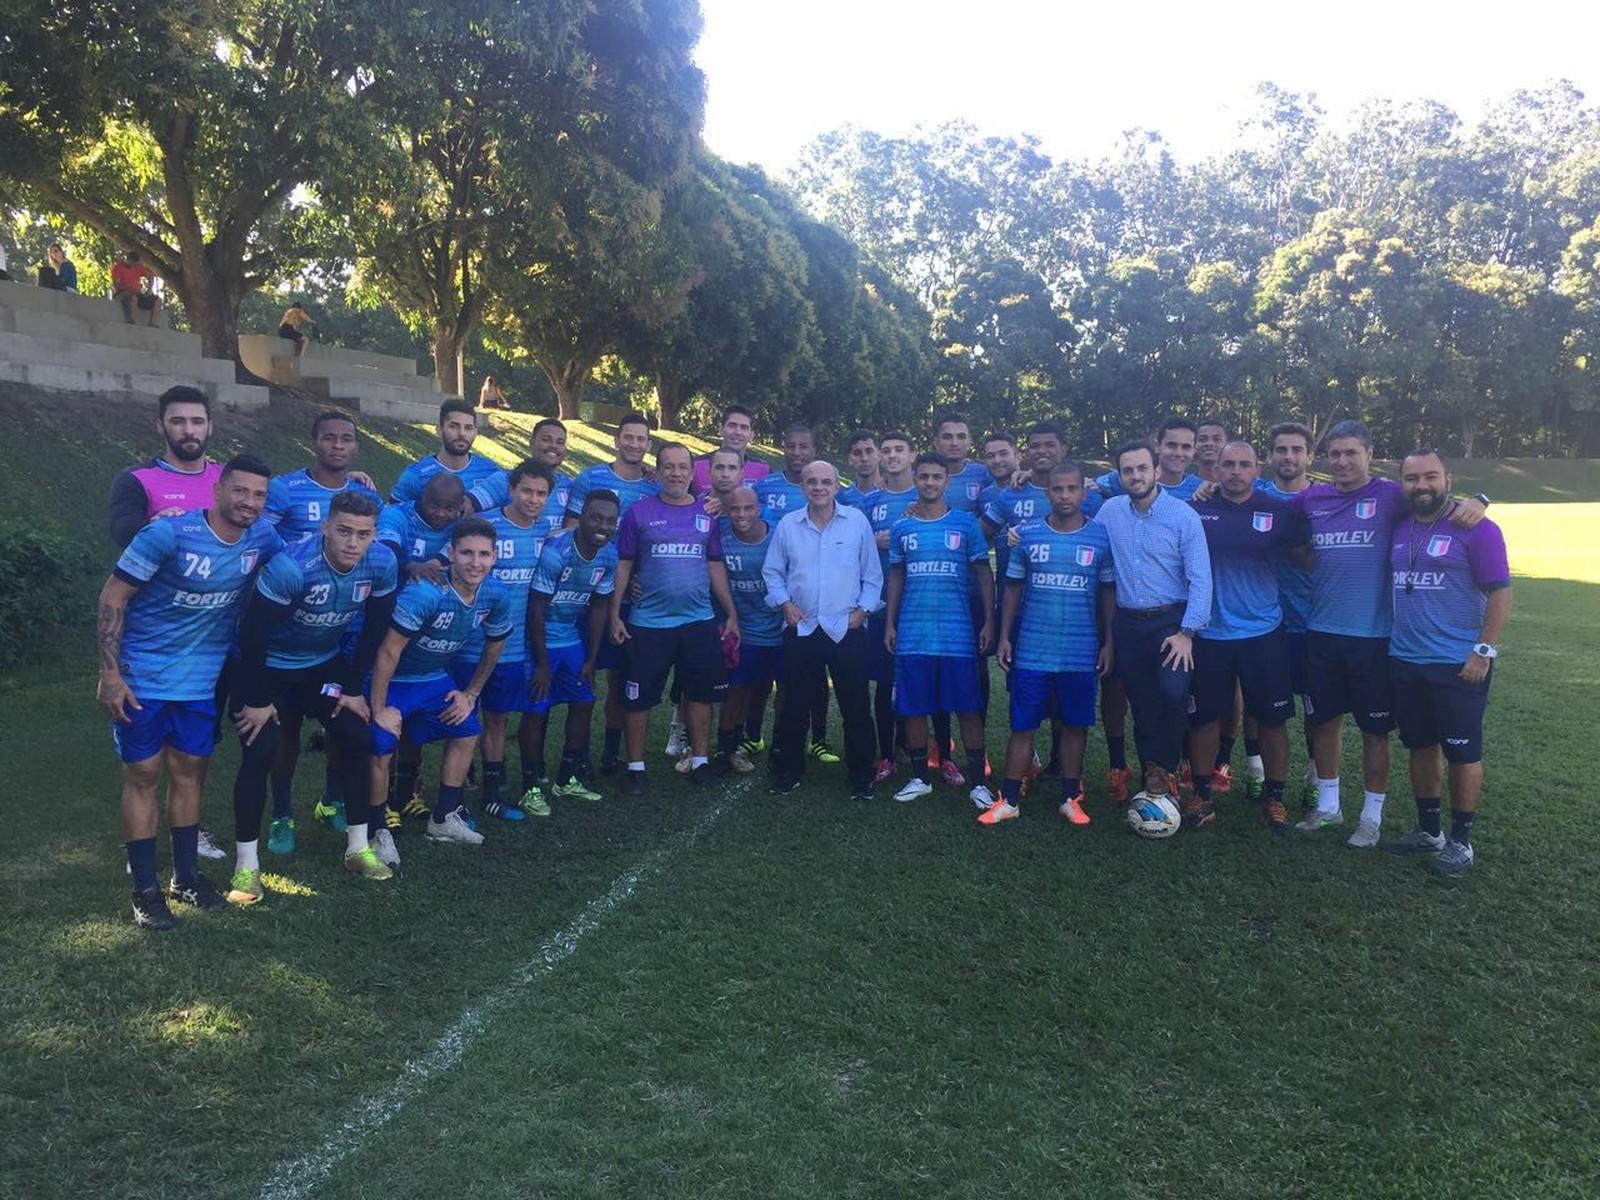 O presidente do Flamengo, Bandeira de Mello, e o elenco do Espírito Santo em visita ao Estado. Crédito: João Brito/ESFC